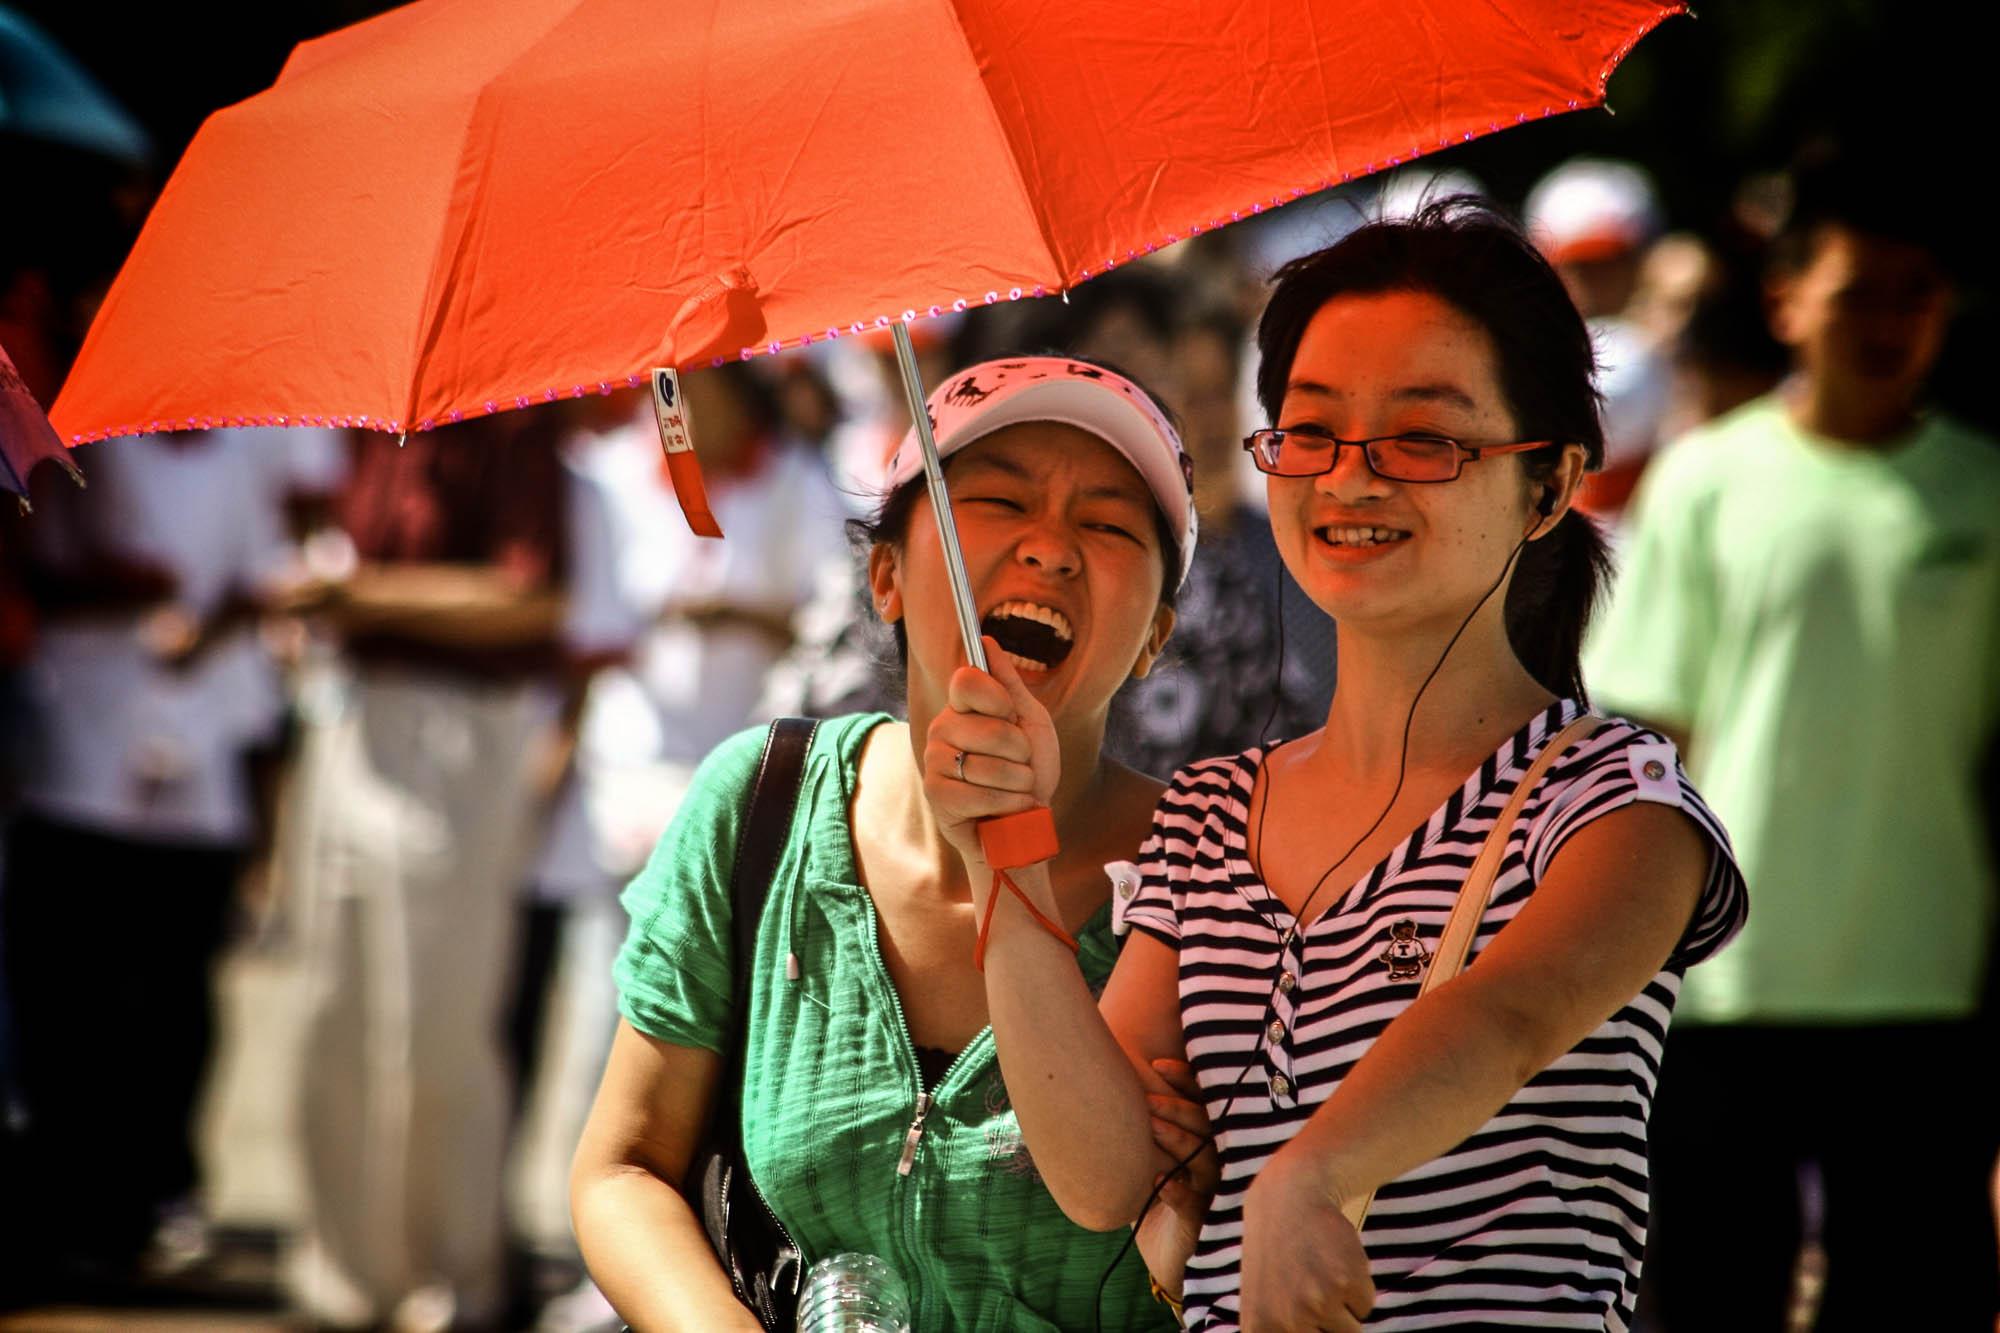 CHINA_2006_people_jusmedic - 4